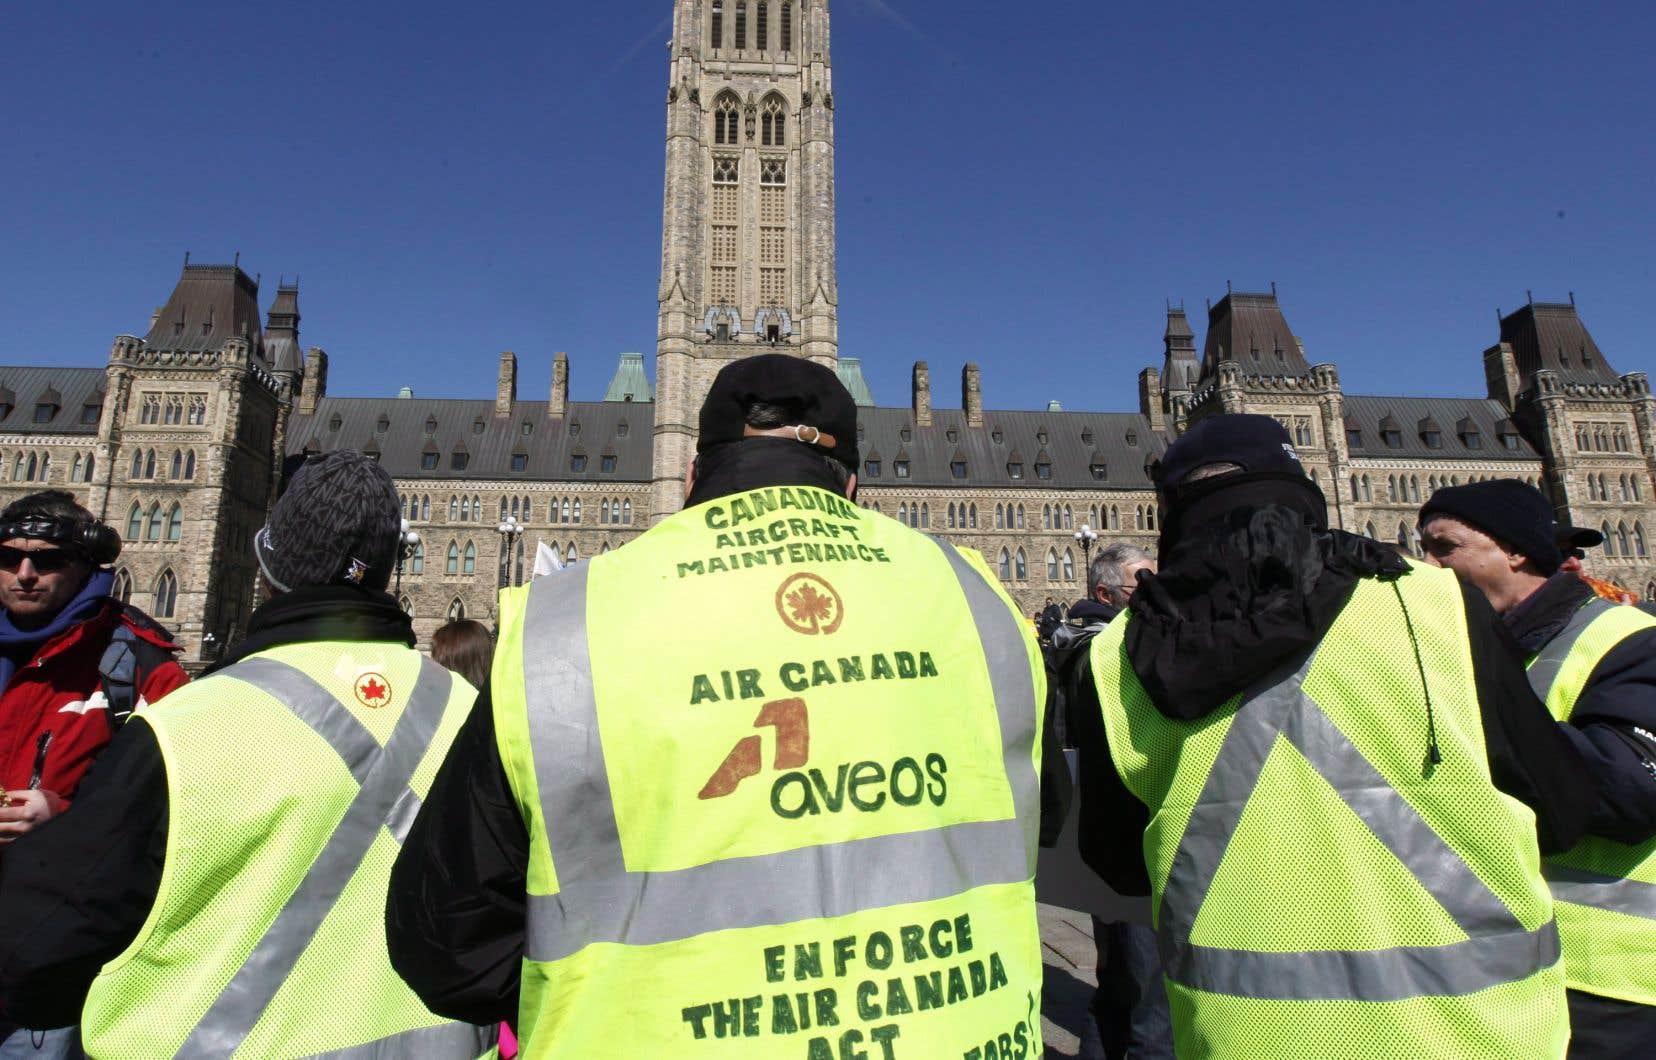 Lors de la fermeture d'Aveos, le transporteur aérien était pourtant obligé en vertu de la Loi sur la participation publique au capital d'Air Canada de maintenir ses centres d'entretien à Montréal, à Winnipeg et à Mississauga.